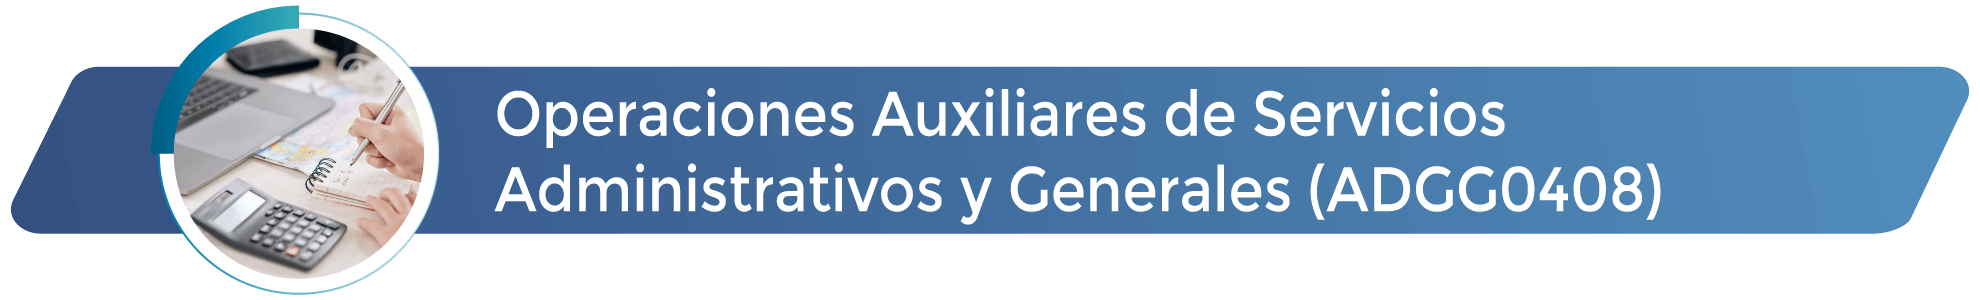 ADGG0408 - Operaciones Auxiliares de Servicios Administrativos y Generales